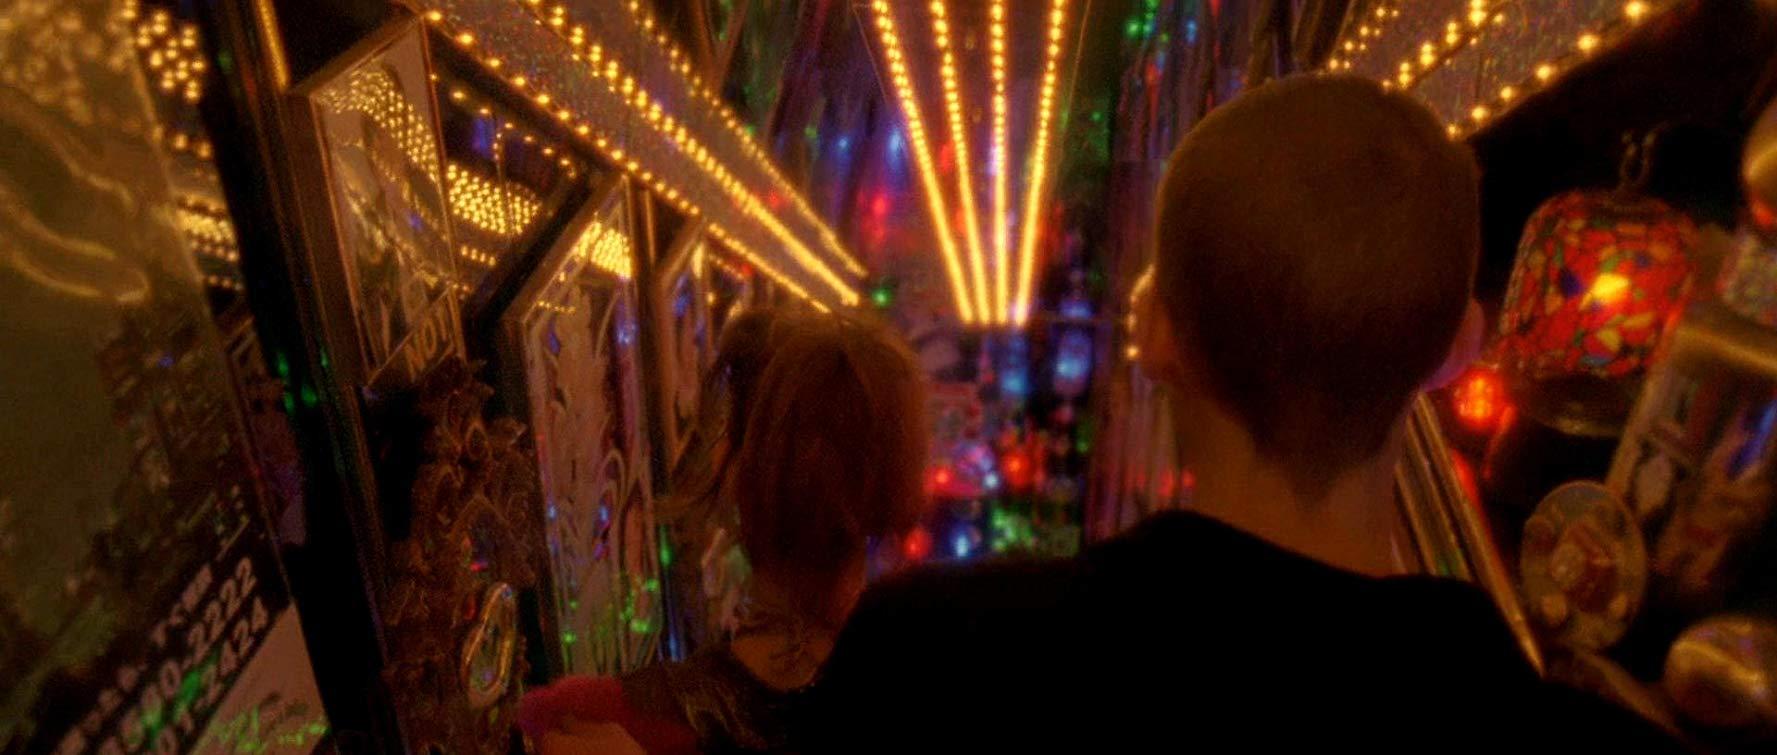 MV5BMDMxODRhNzctZDljNi00NDRiLTljNjAtMjJlYTc0NTQ1OGJkXkEyXkFqcGdeQXVyMjUyNDk2ODc@. V1 SX1777 CR001777755 AL - نقد فیلم Enter the Void (ورود به خلأ)